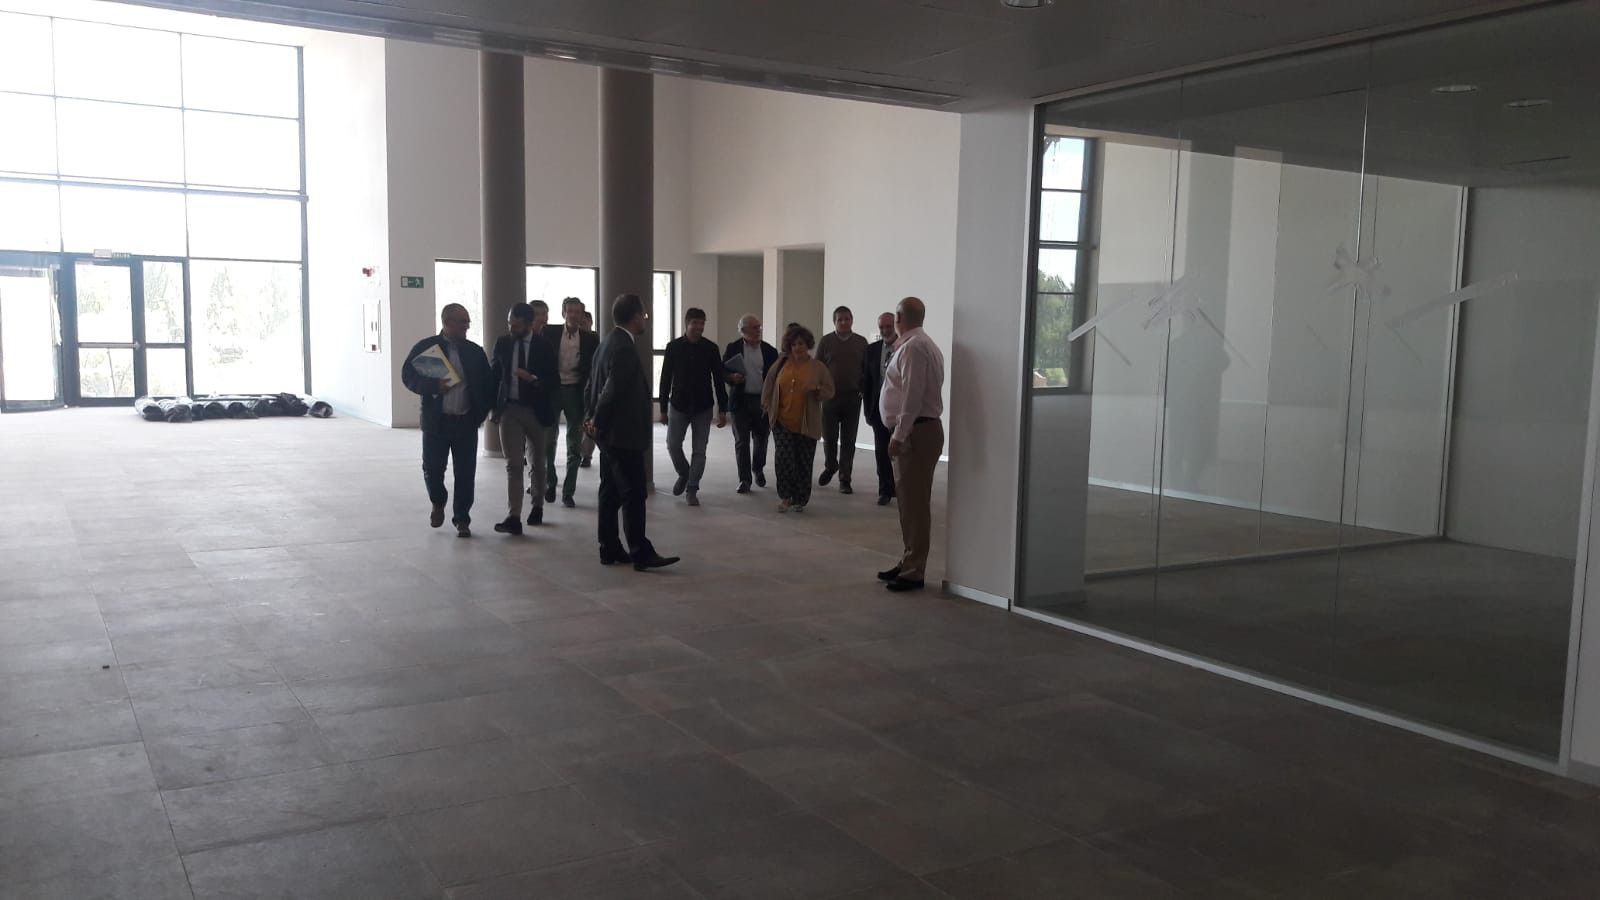 Recepción+hospital+Salamanca+11 09 2019